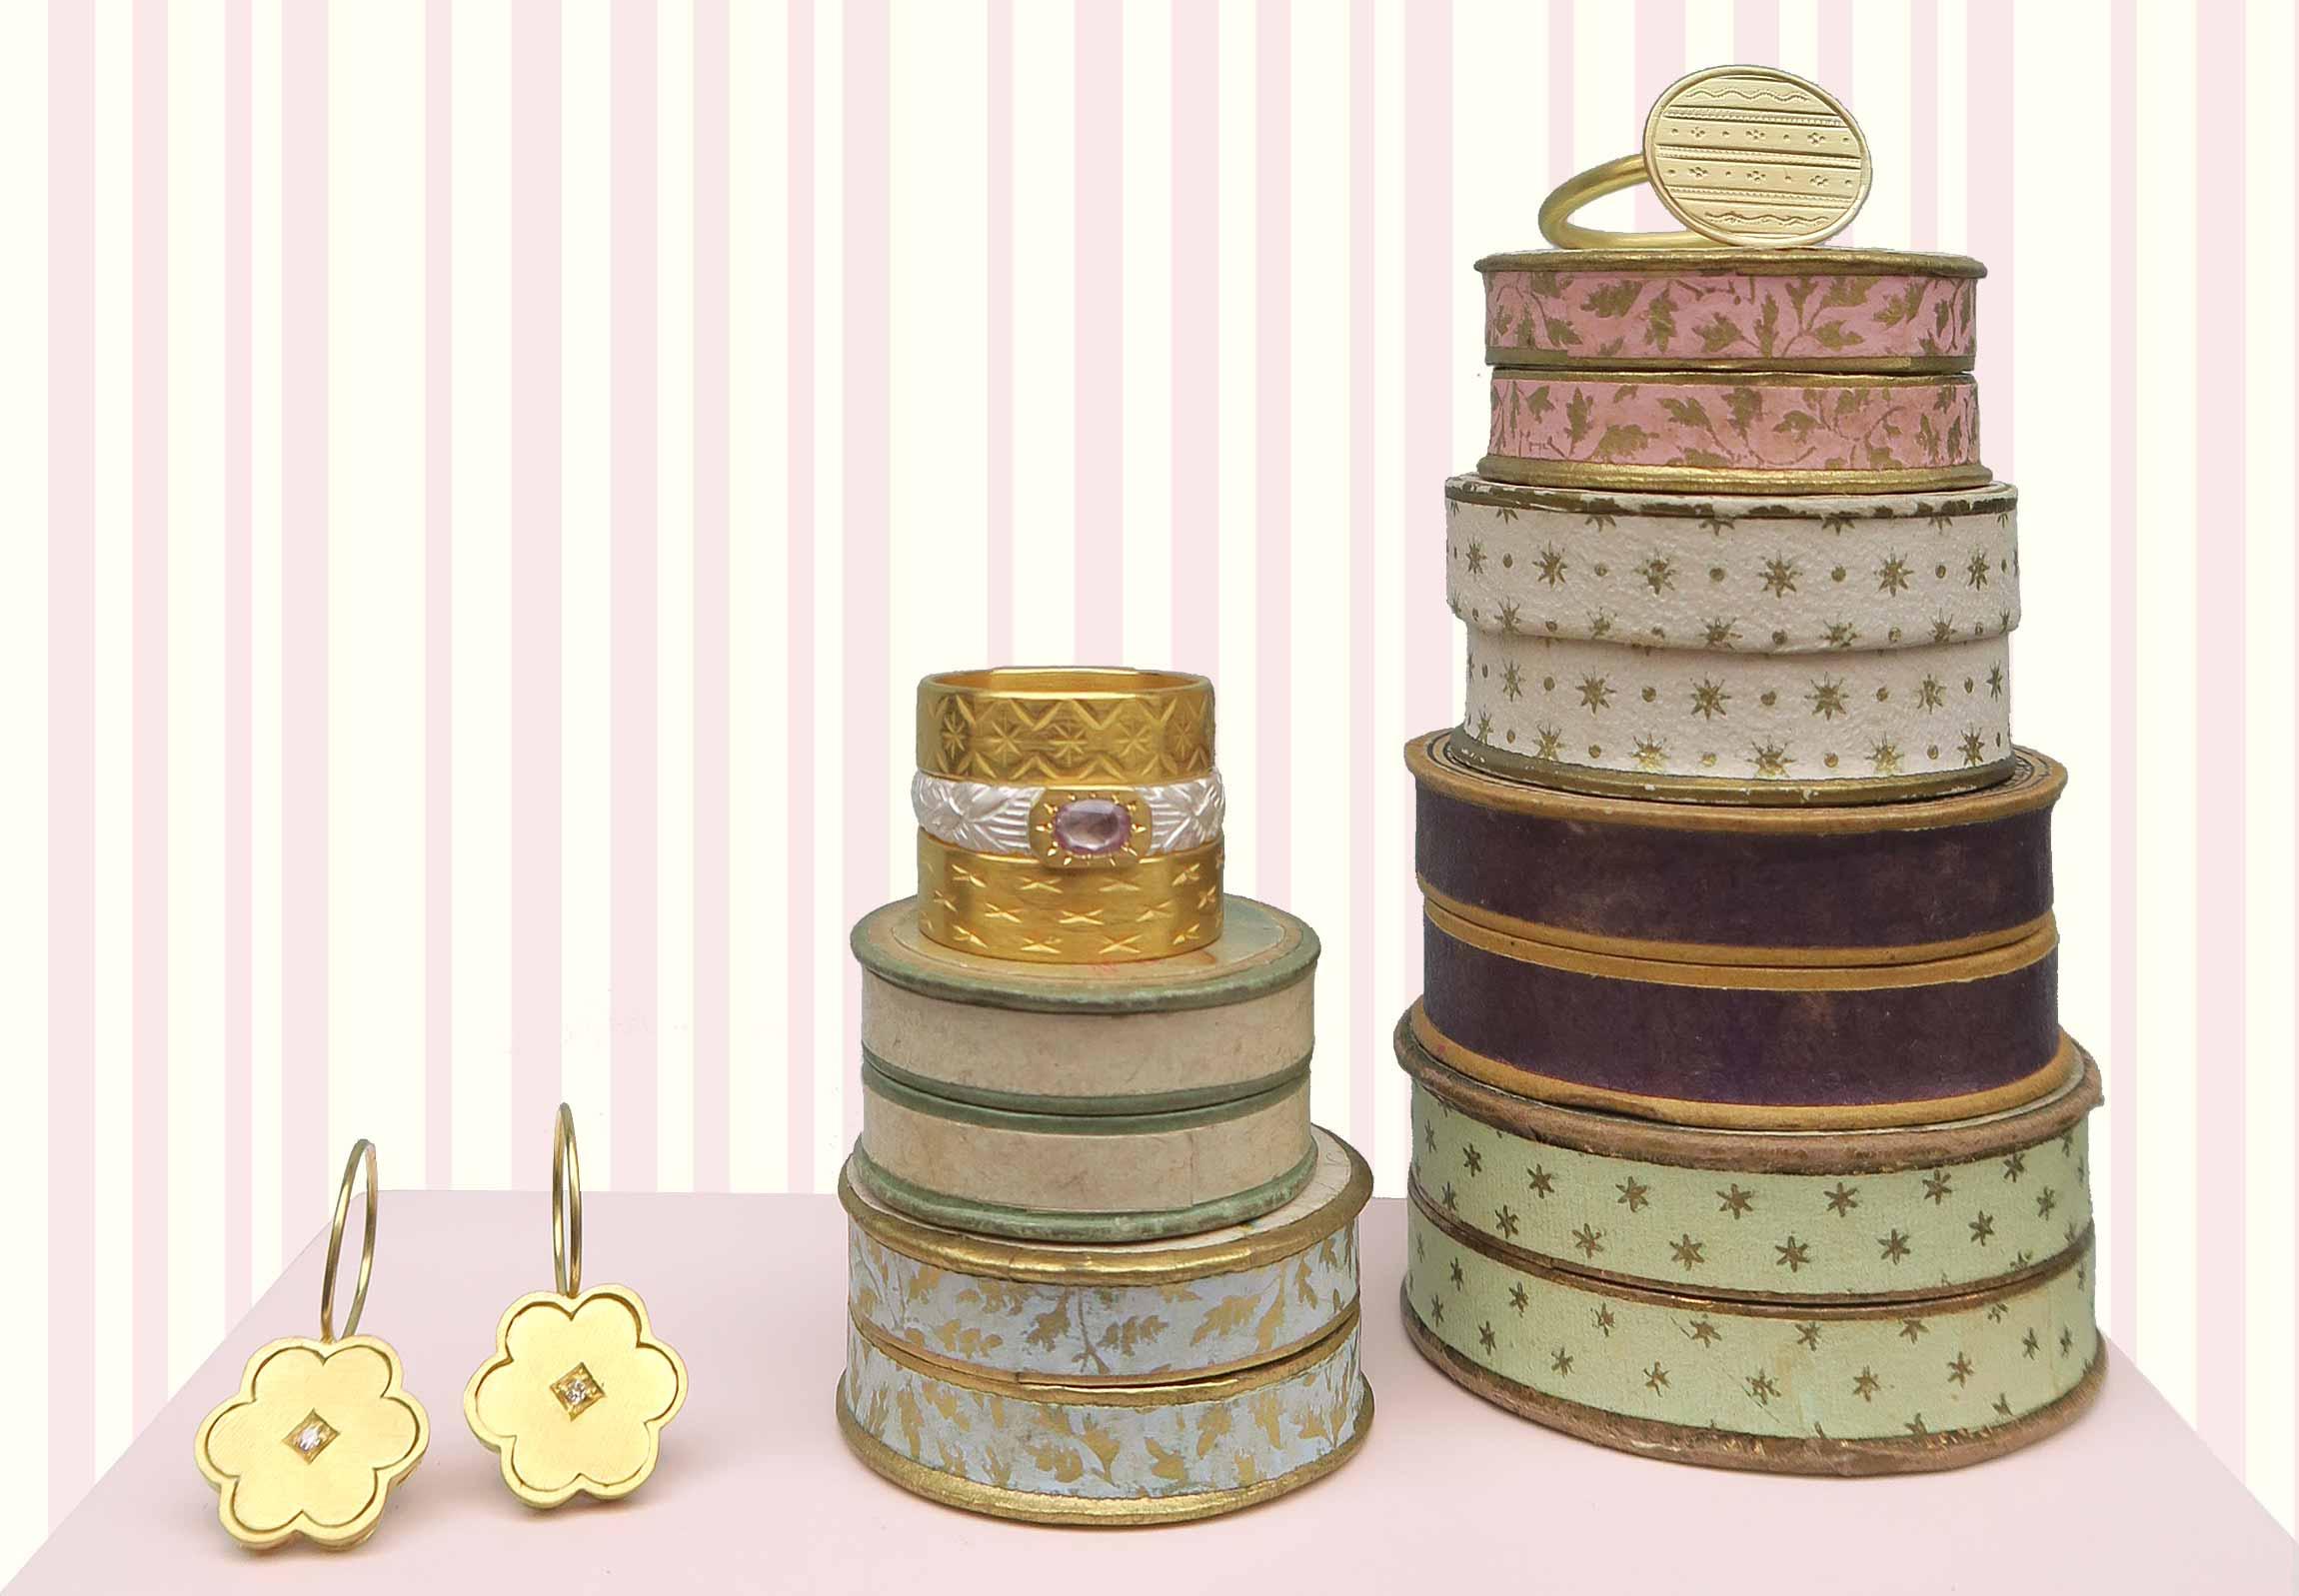 OHRRINGE Vintage-Elemente, Gold, Diamant RINGE Gold, Silber, rosa Safir